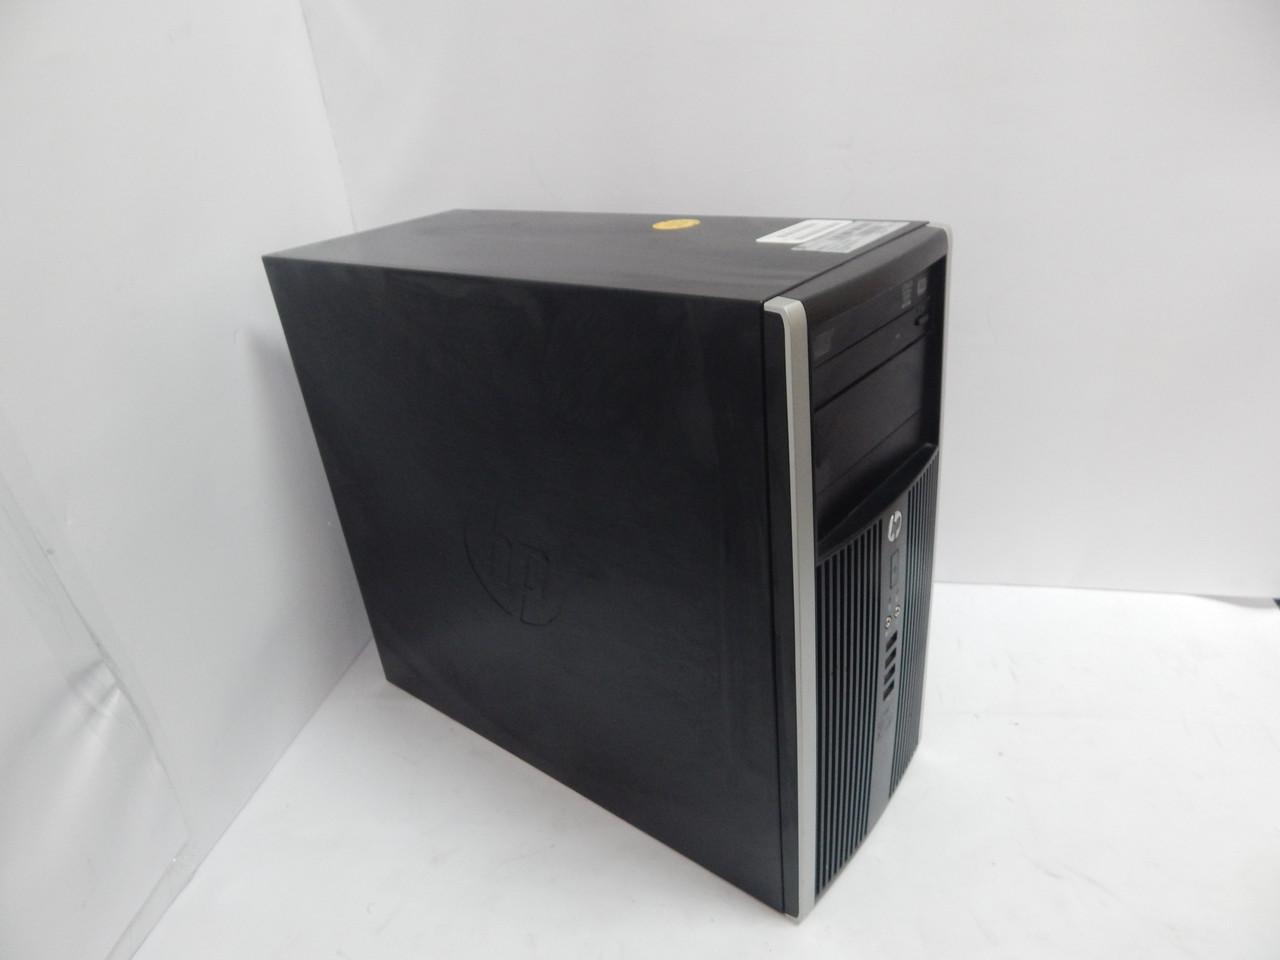 4-ех ядерный системный блок HP, компьют Q6600 4 ГБ DDR3